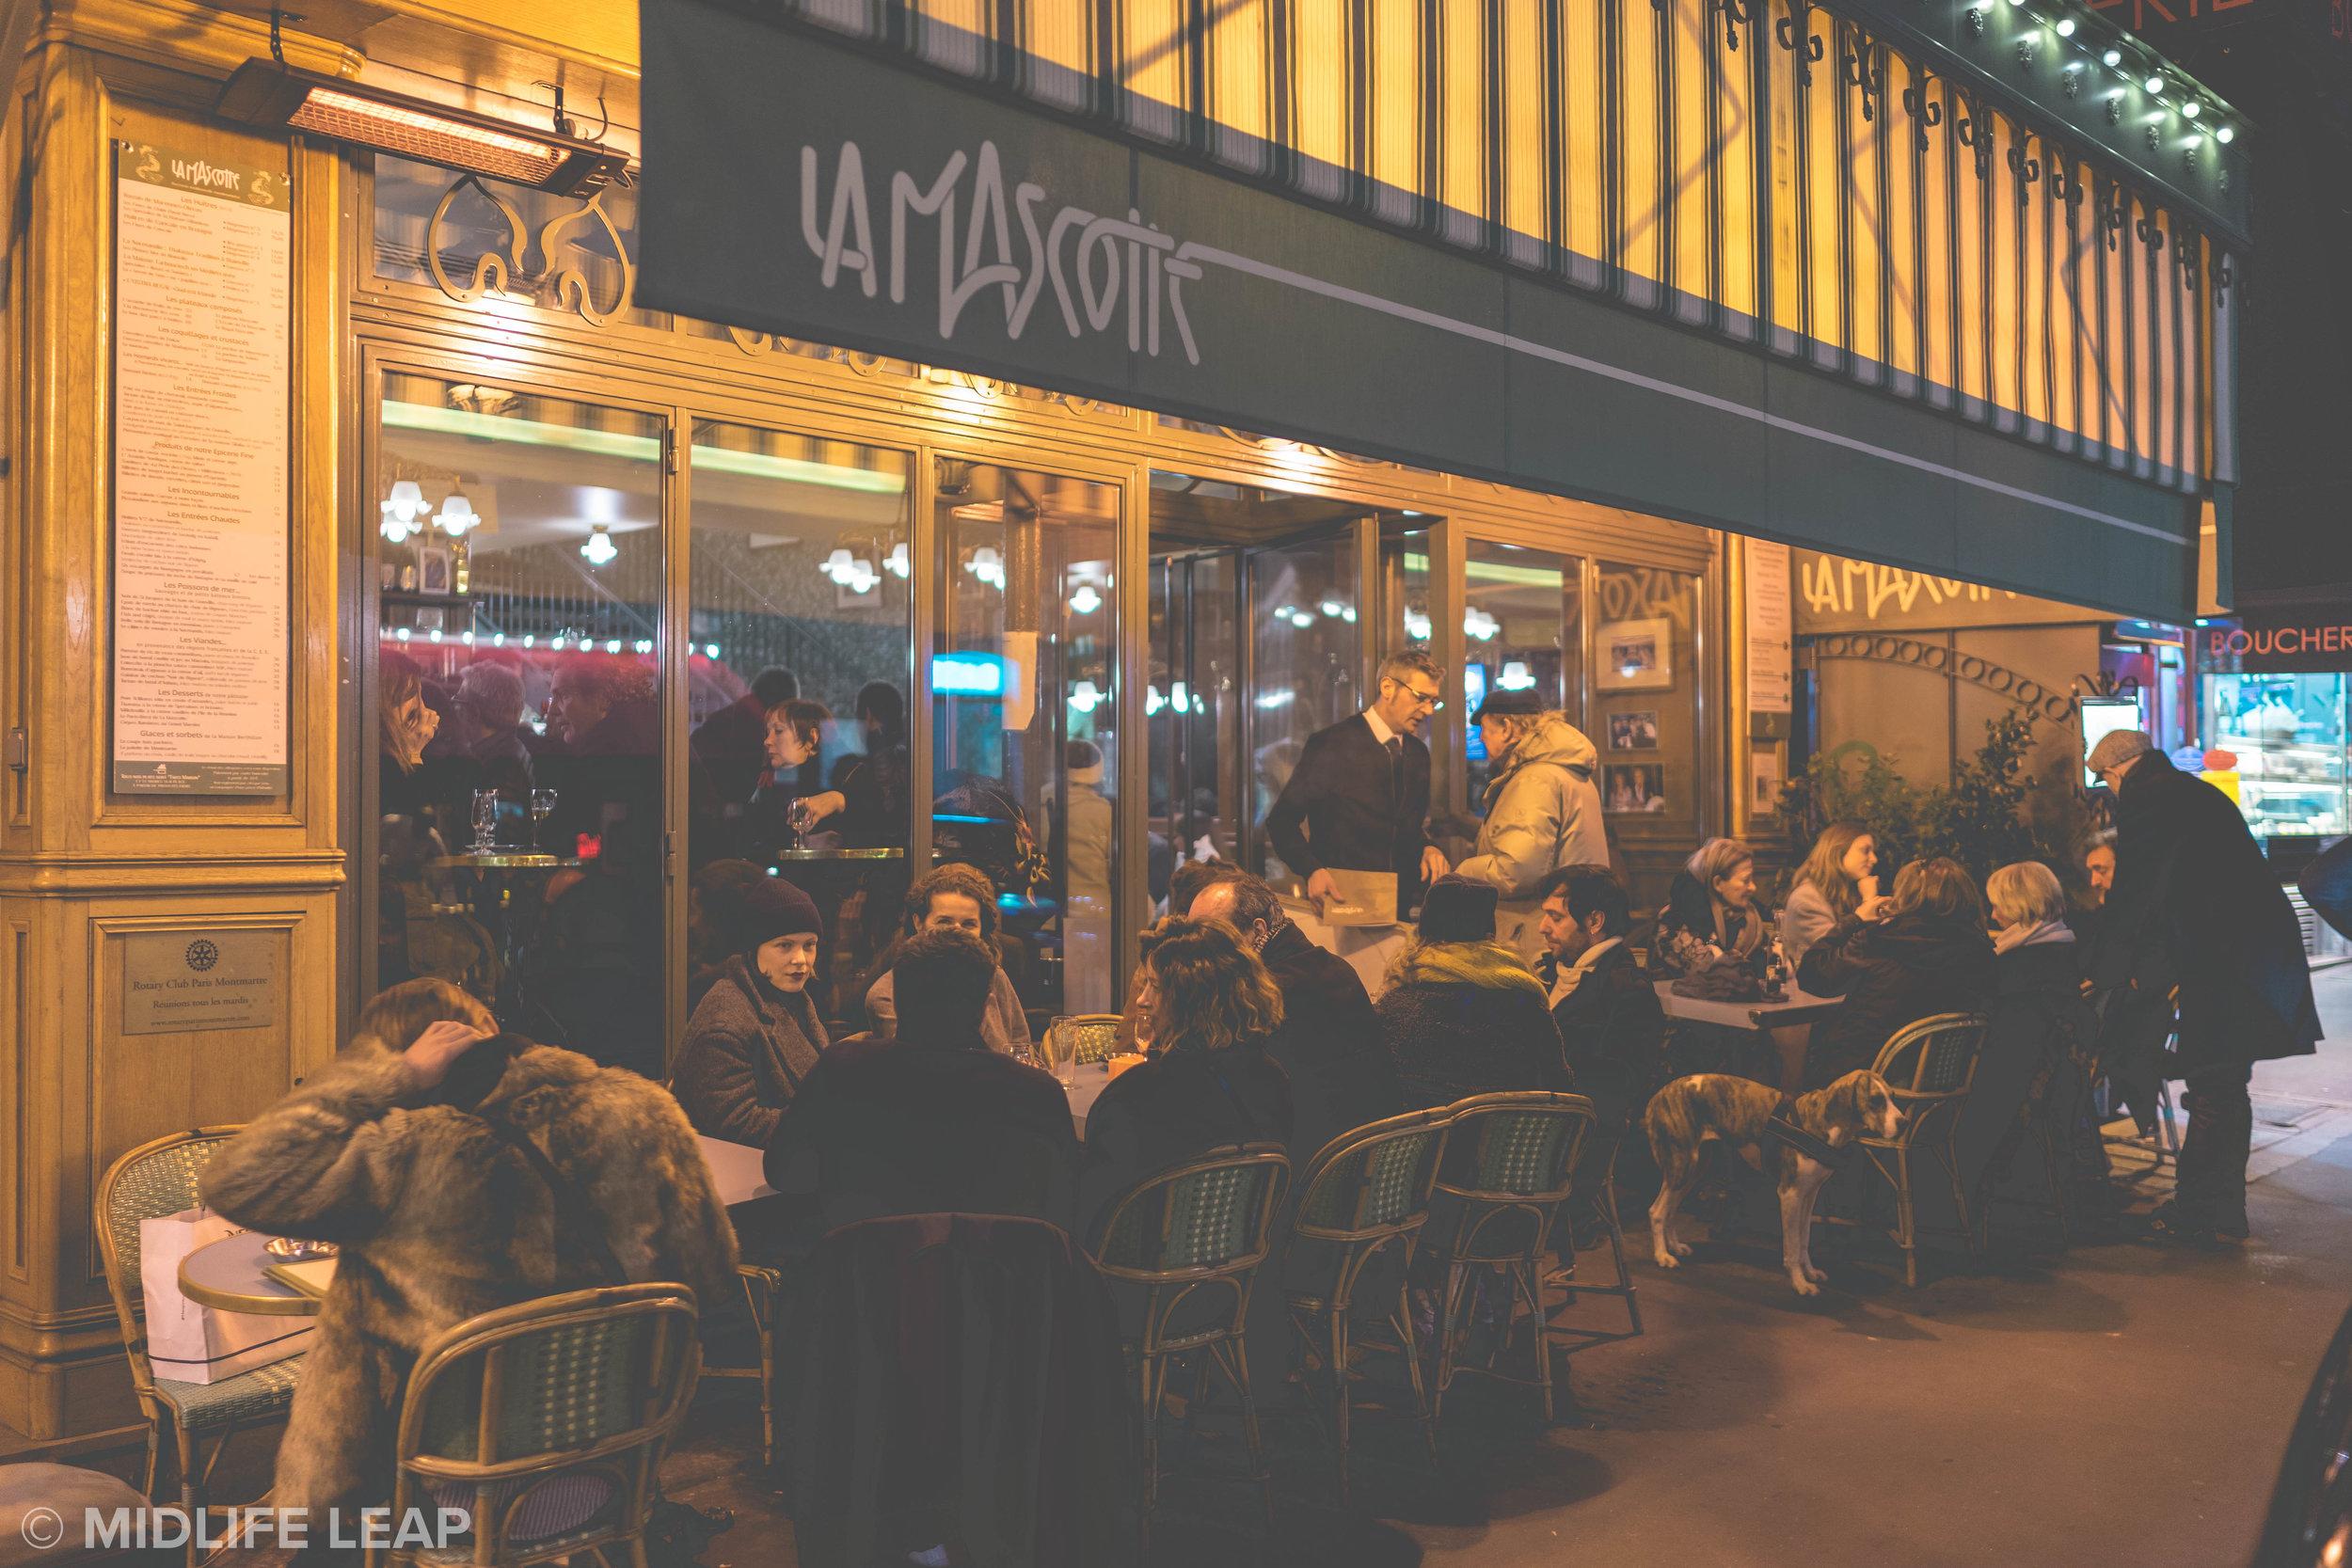 la-mascotte-where-to-eat-in-montmartre-18th-arrondissement-paris